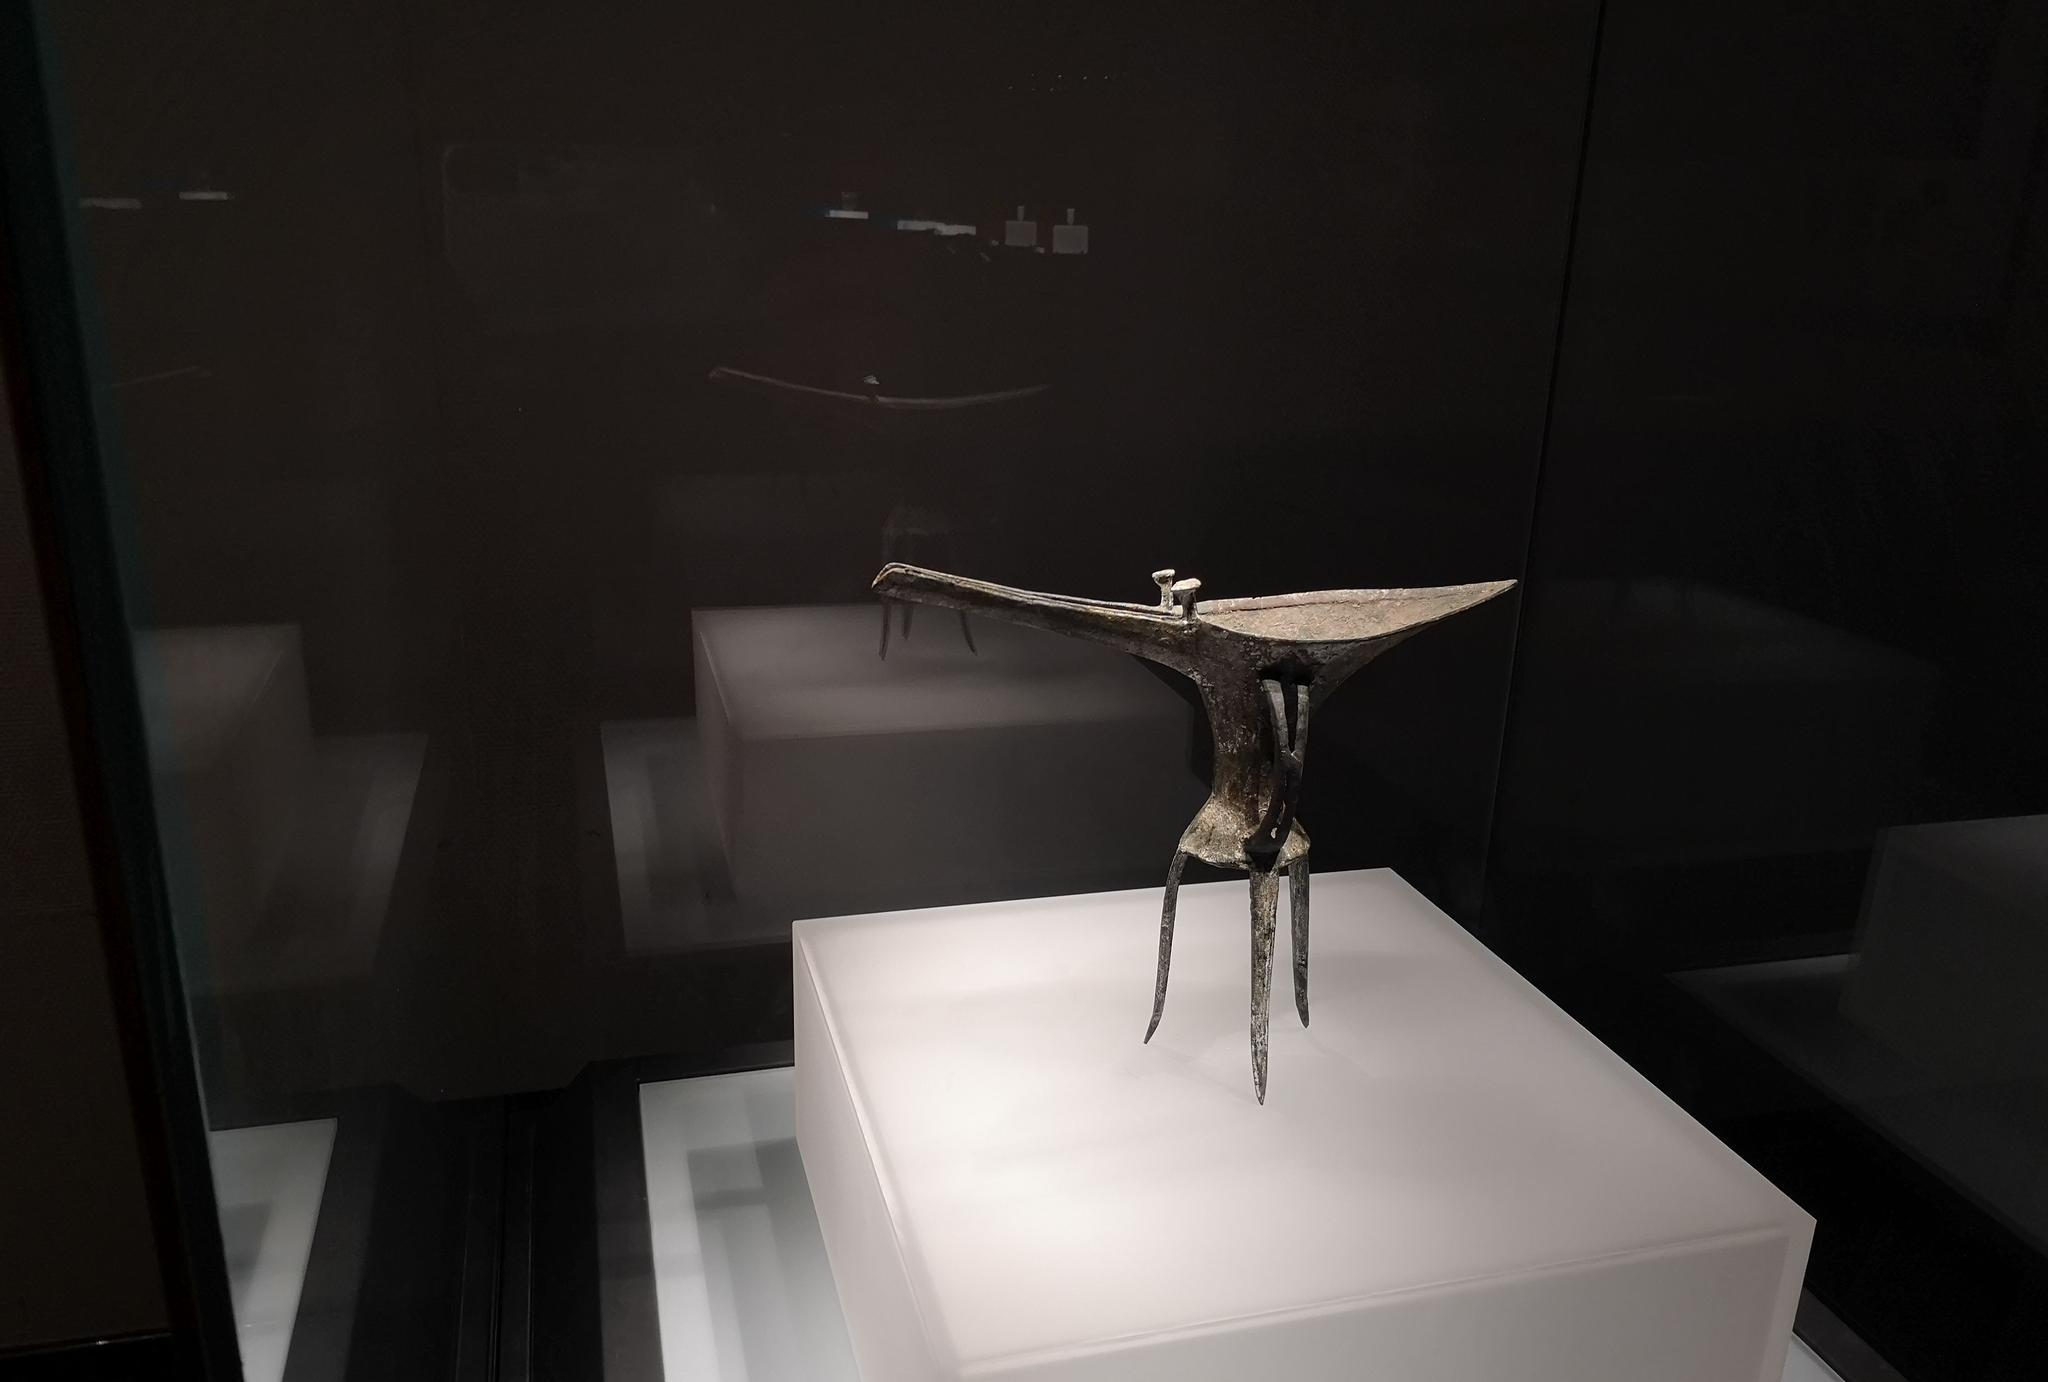 """带你见识中国最早的""""美酒杯"""":博物馆实拍河南洛阳乳钉纹铜爵"""